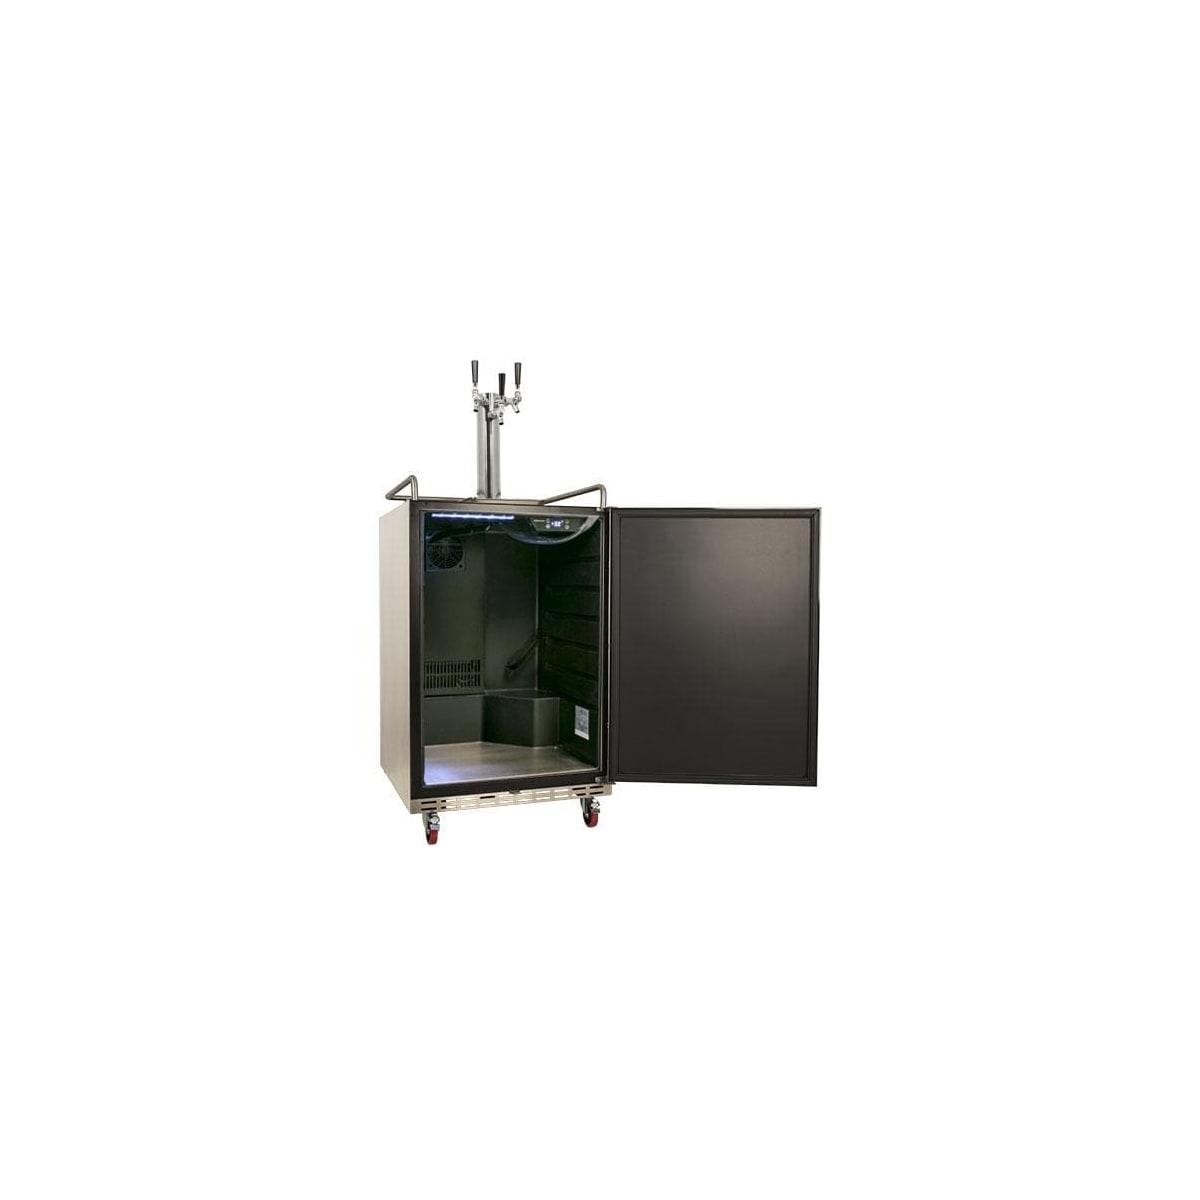 EdgeStar KC3000TRIP Full Size Triple Tap Kegerator with Digital Display Black